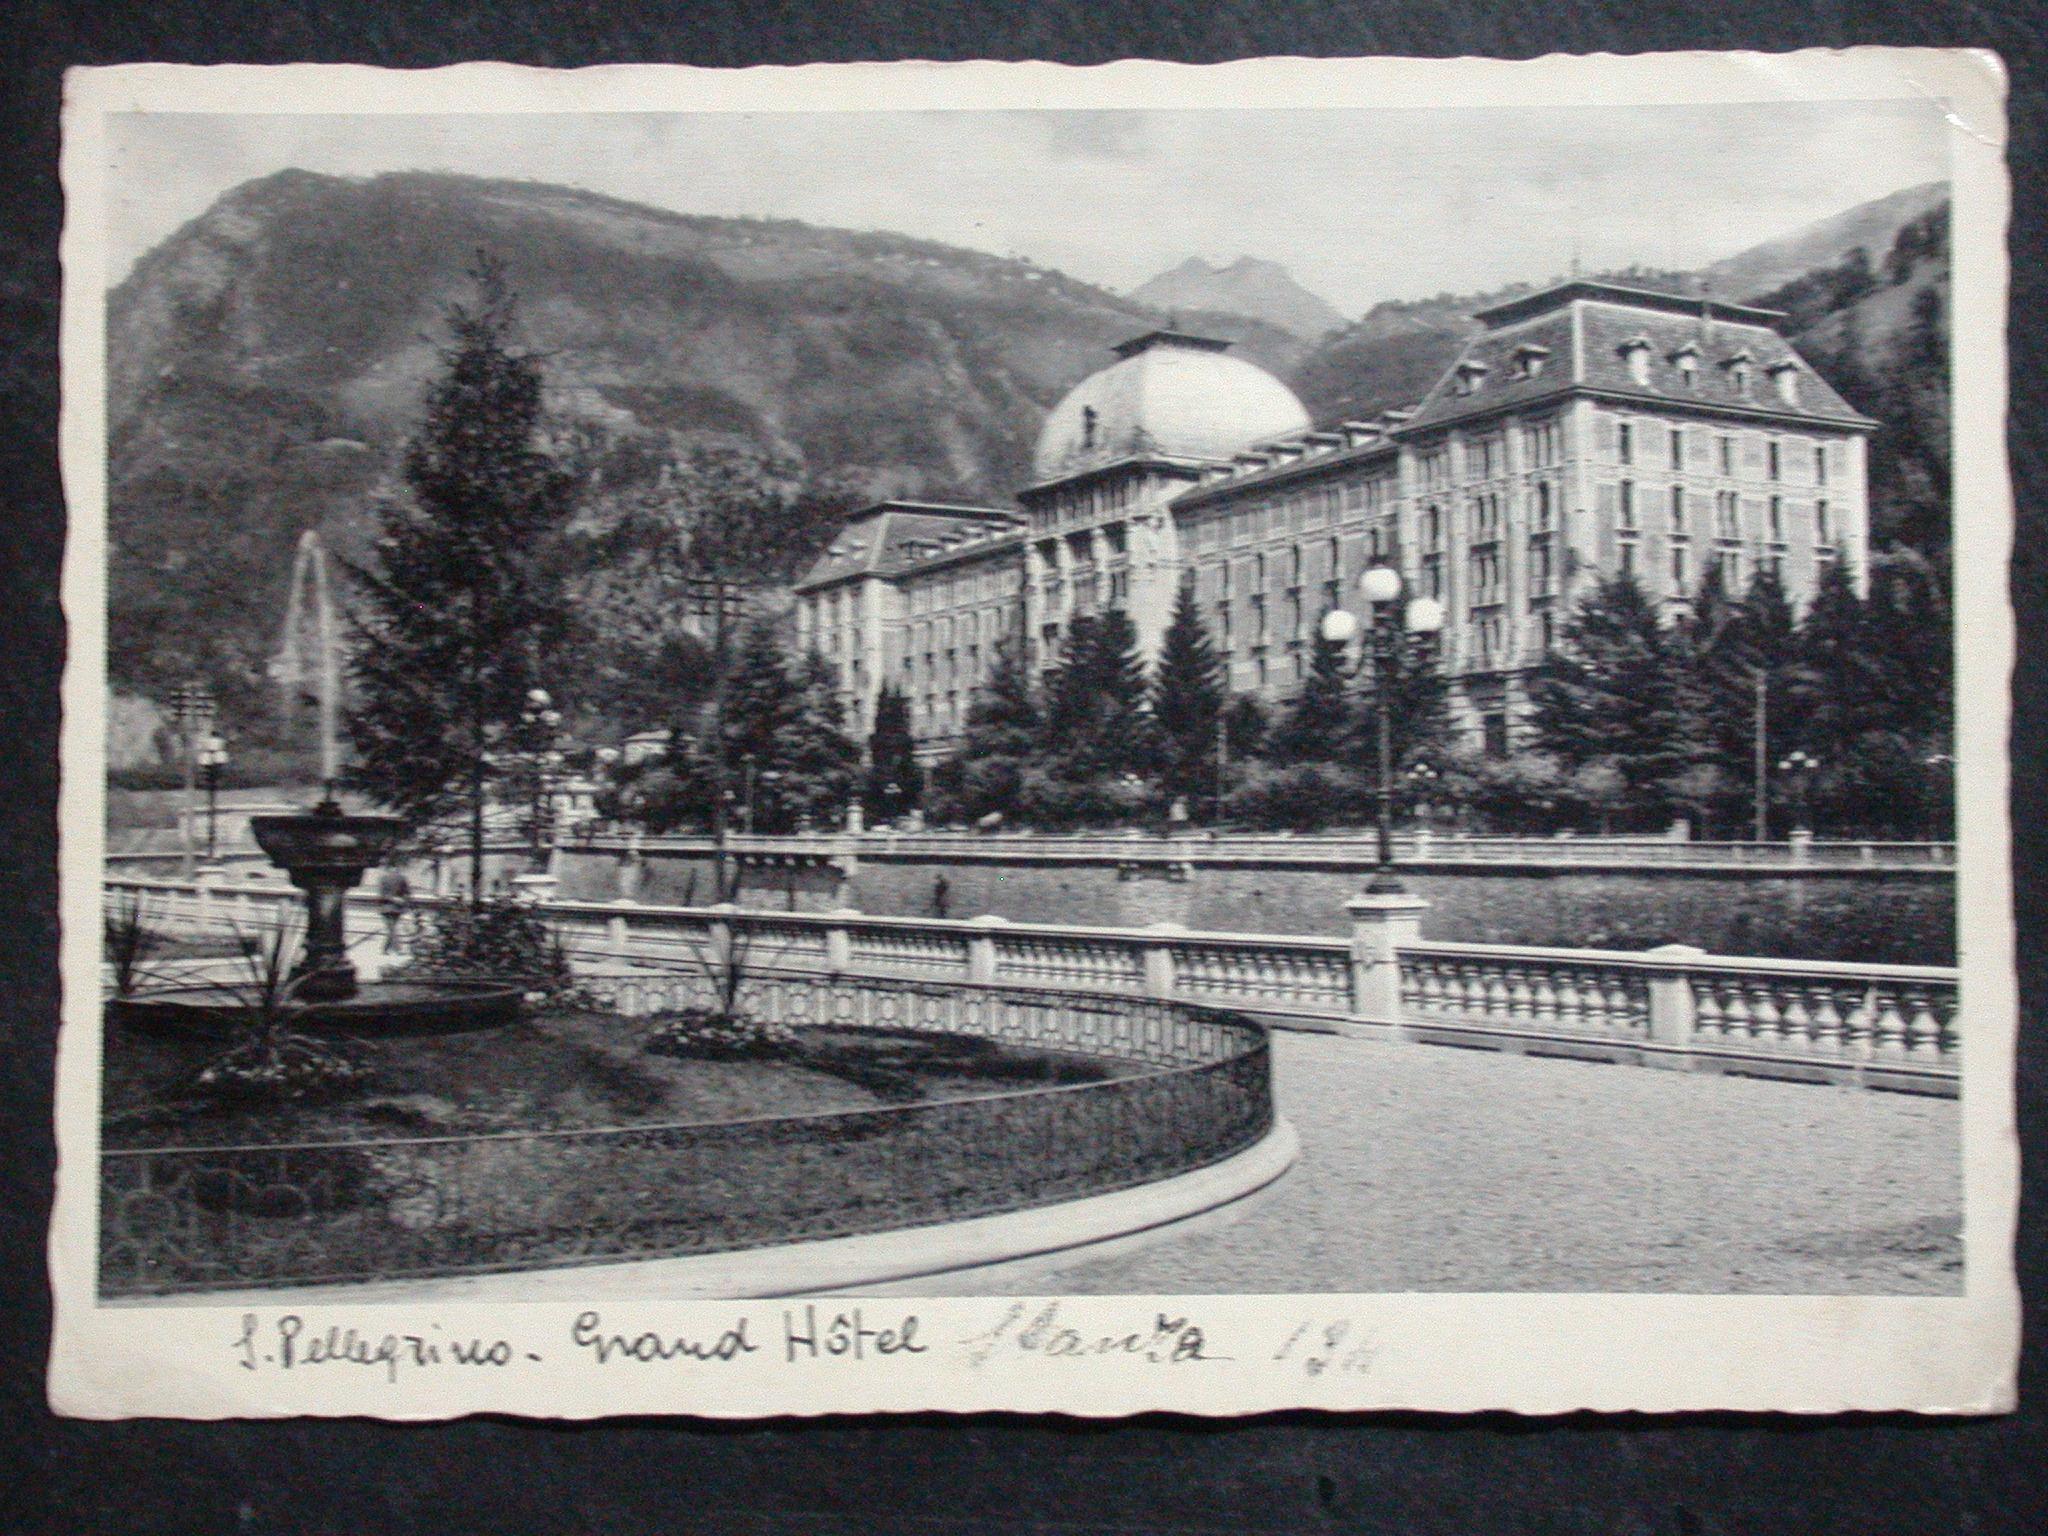 GRAND HOTEL il restauro dell'edificio simbolo di San Pellegrino Terme